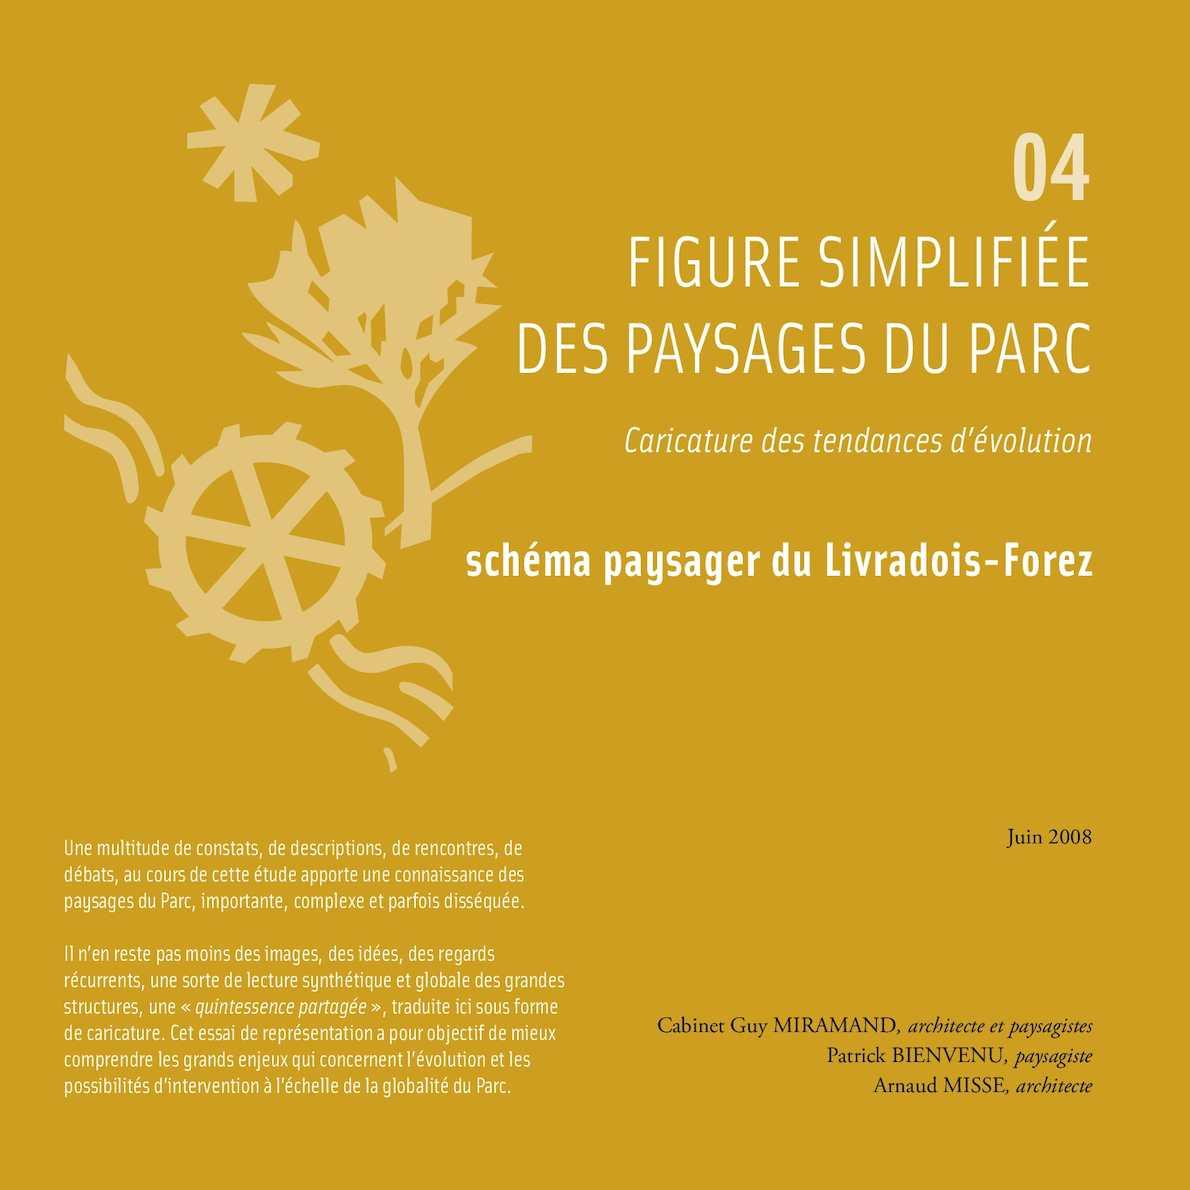 Schema Paysager du Parc Livradois-Forez  Figures simplifiées